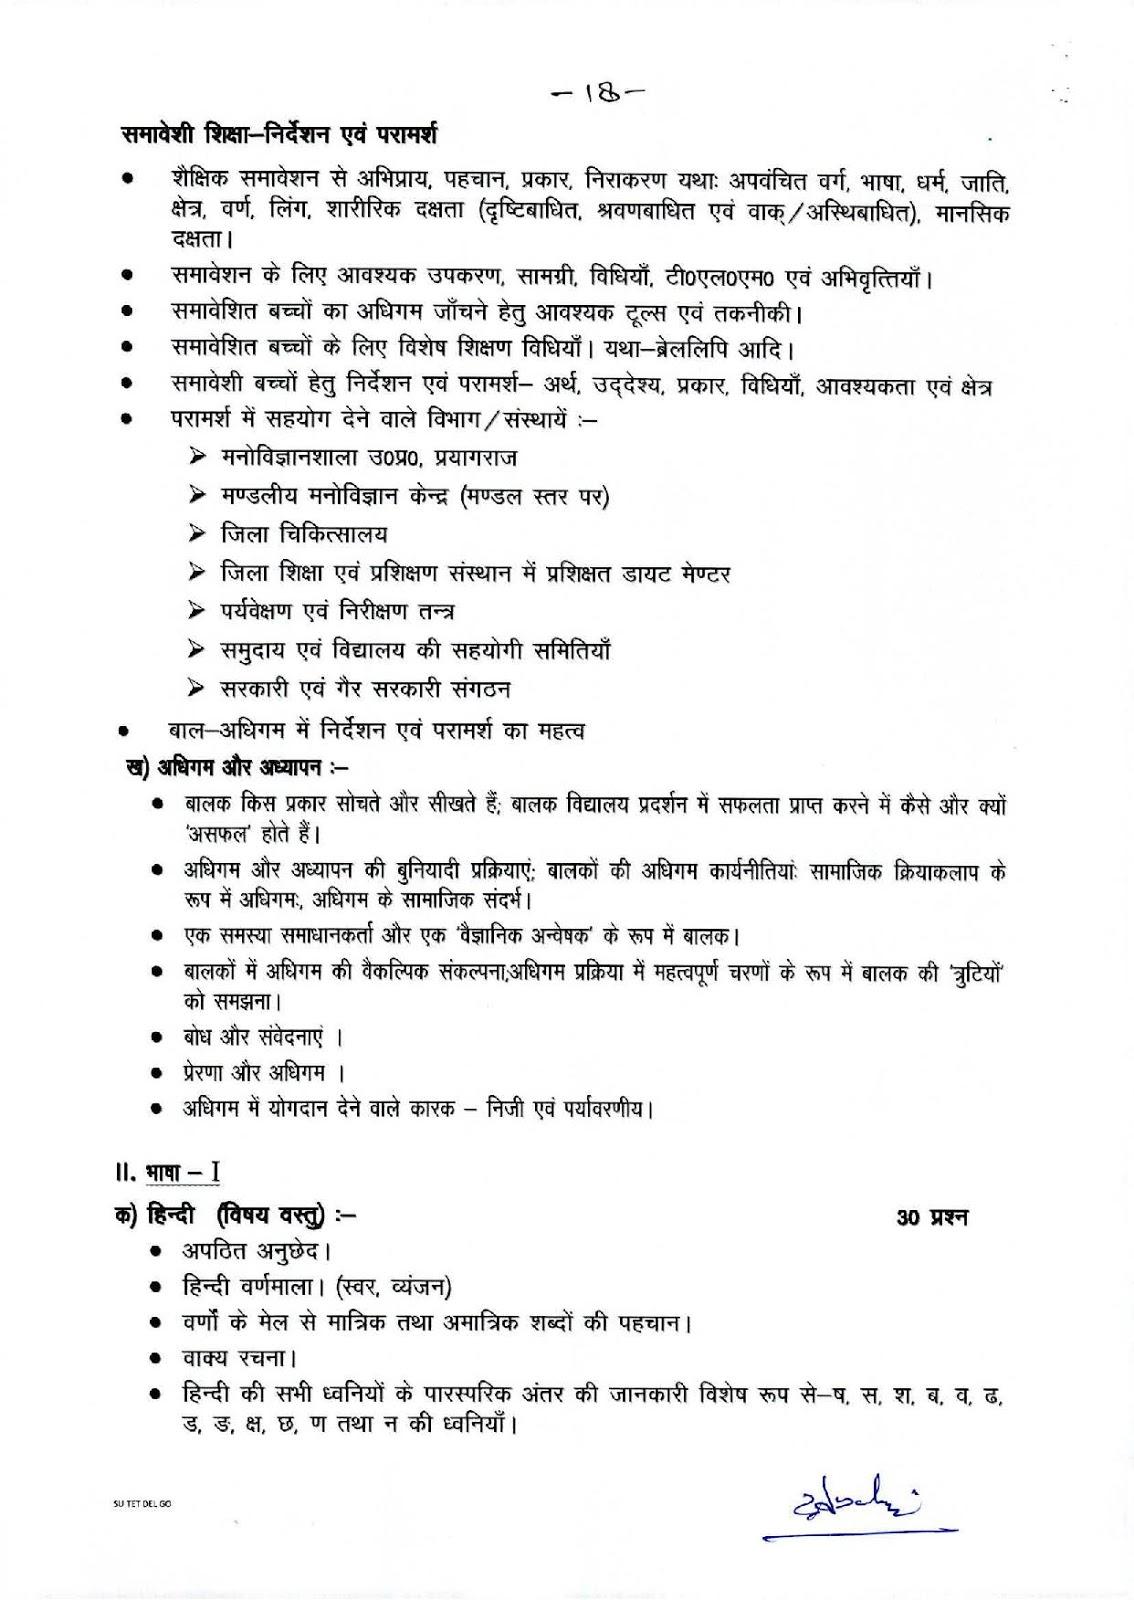 प्राथमिक स्तर पेपर-I (कक्षा 1 से 5 तक) पाठ्यक्रम देखे 2